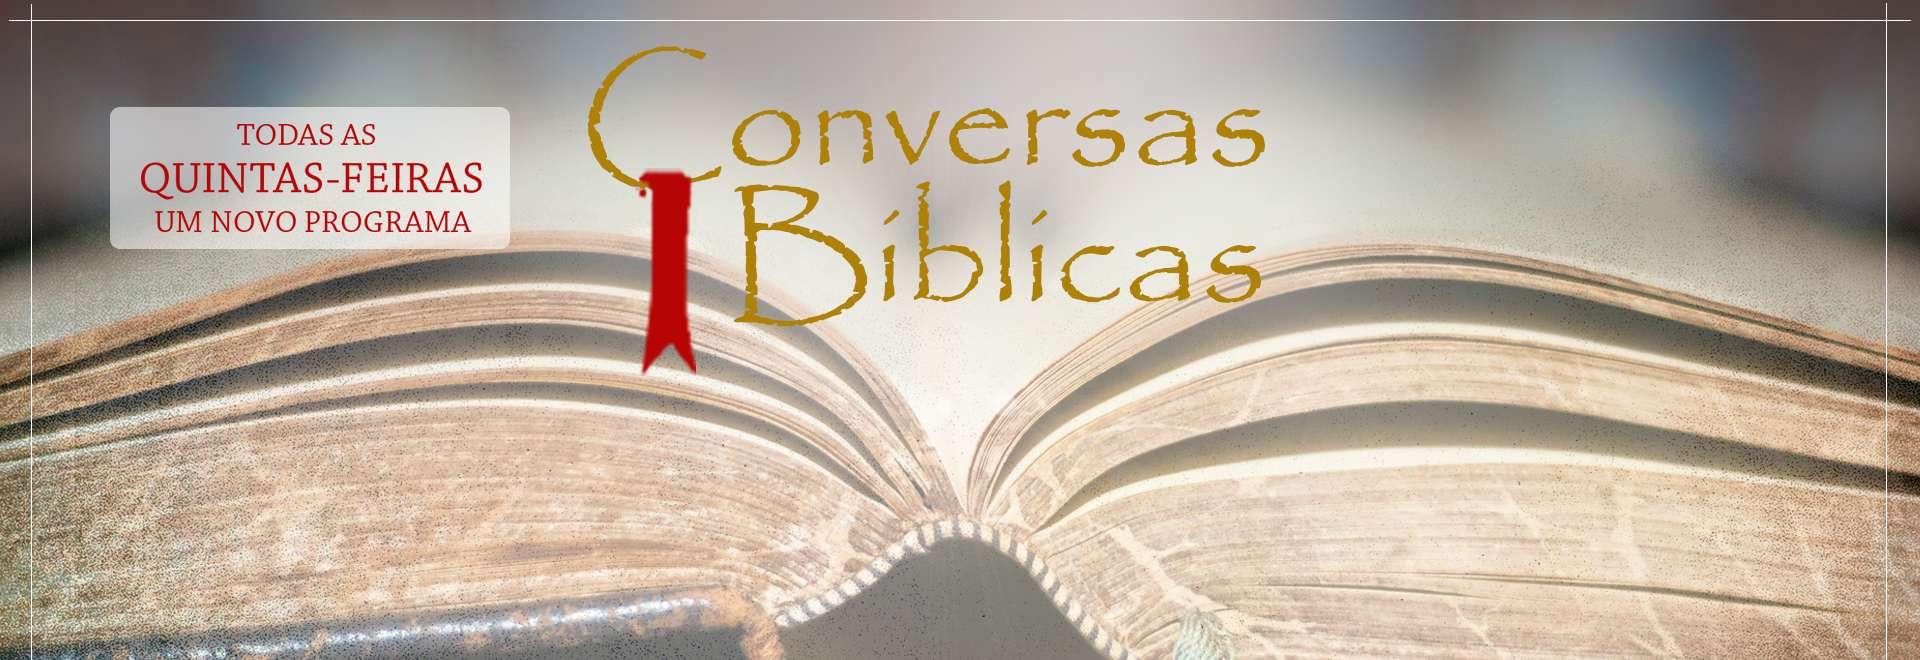 Conversas Bíblicas: Consulta à Palavra - Parte 3